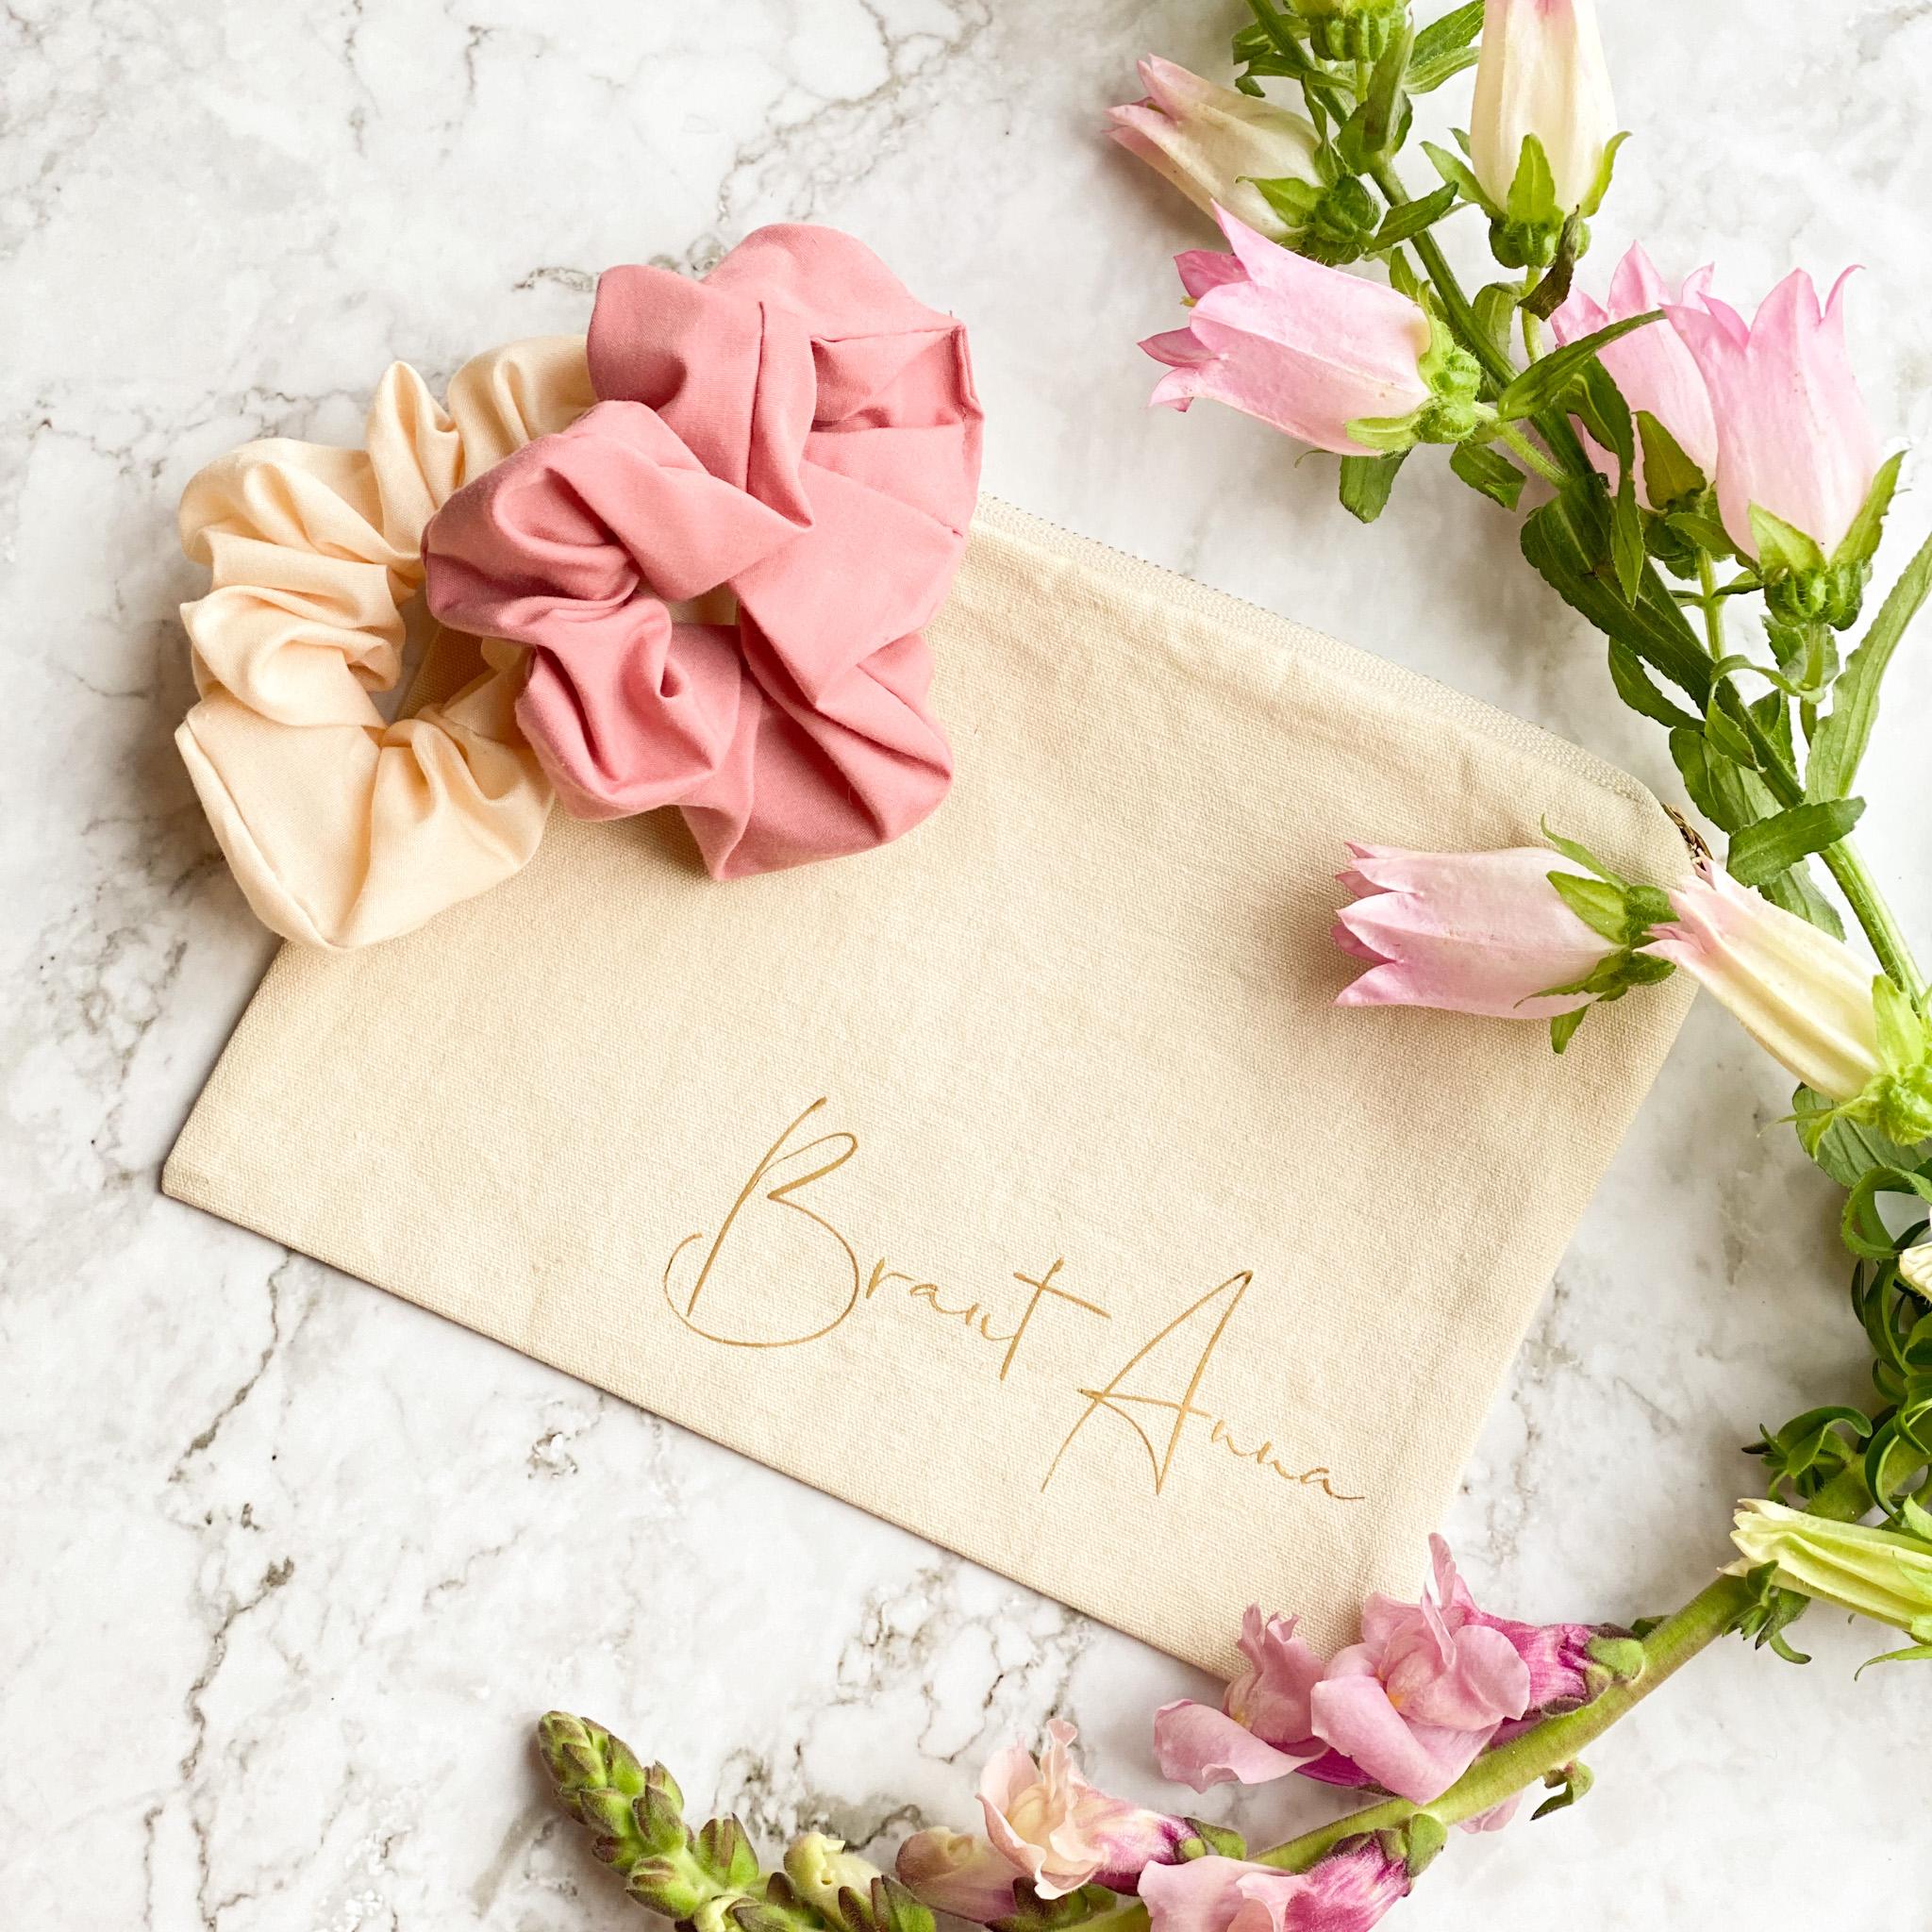 Kosmetiktasche in cremeweiß mit zwei Scrunchies in rosé und creme | personalisierbar | Schöne Geschenkidee